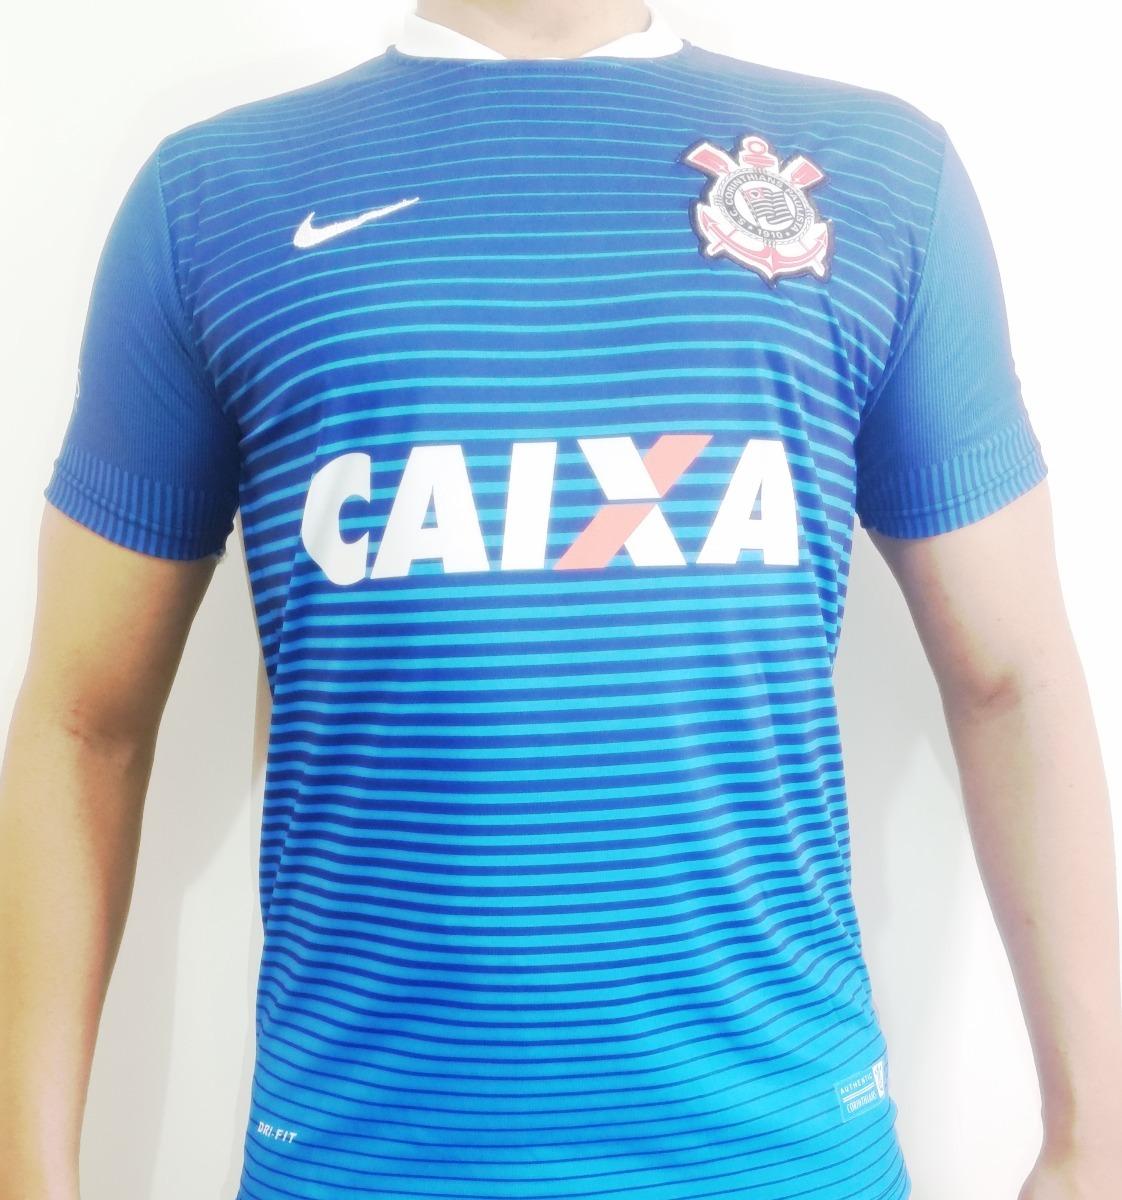 0954bb9f5 camiseta corinthians listrada azul modelo 2016 frete gratis. Carregando zoom .